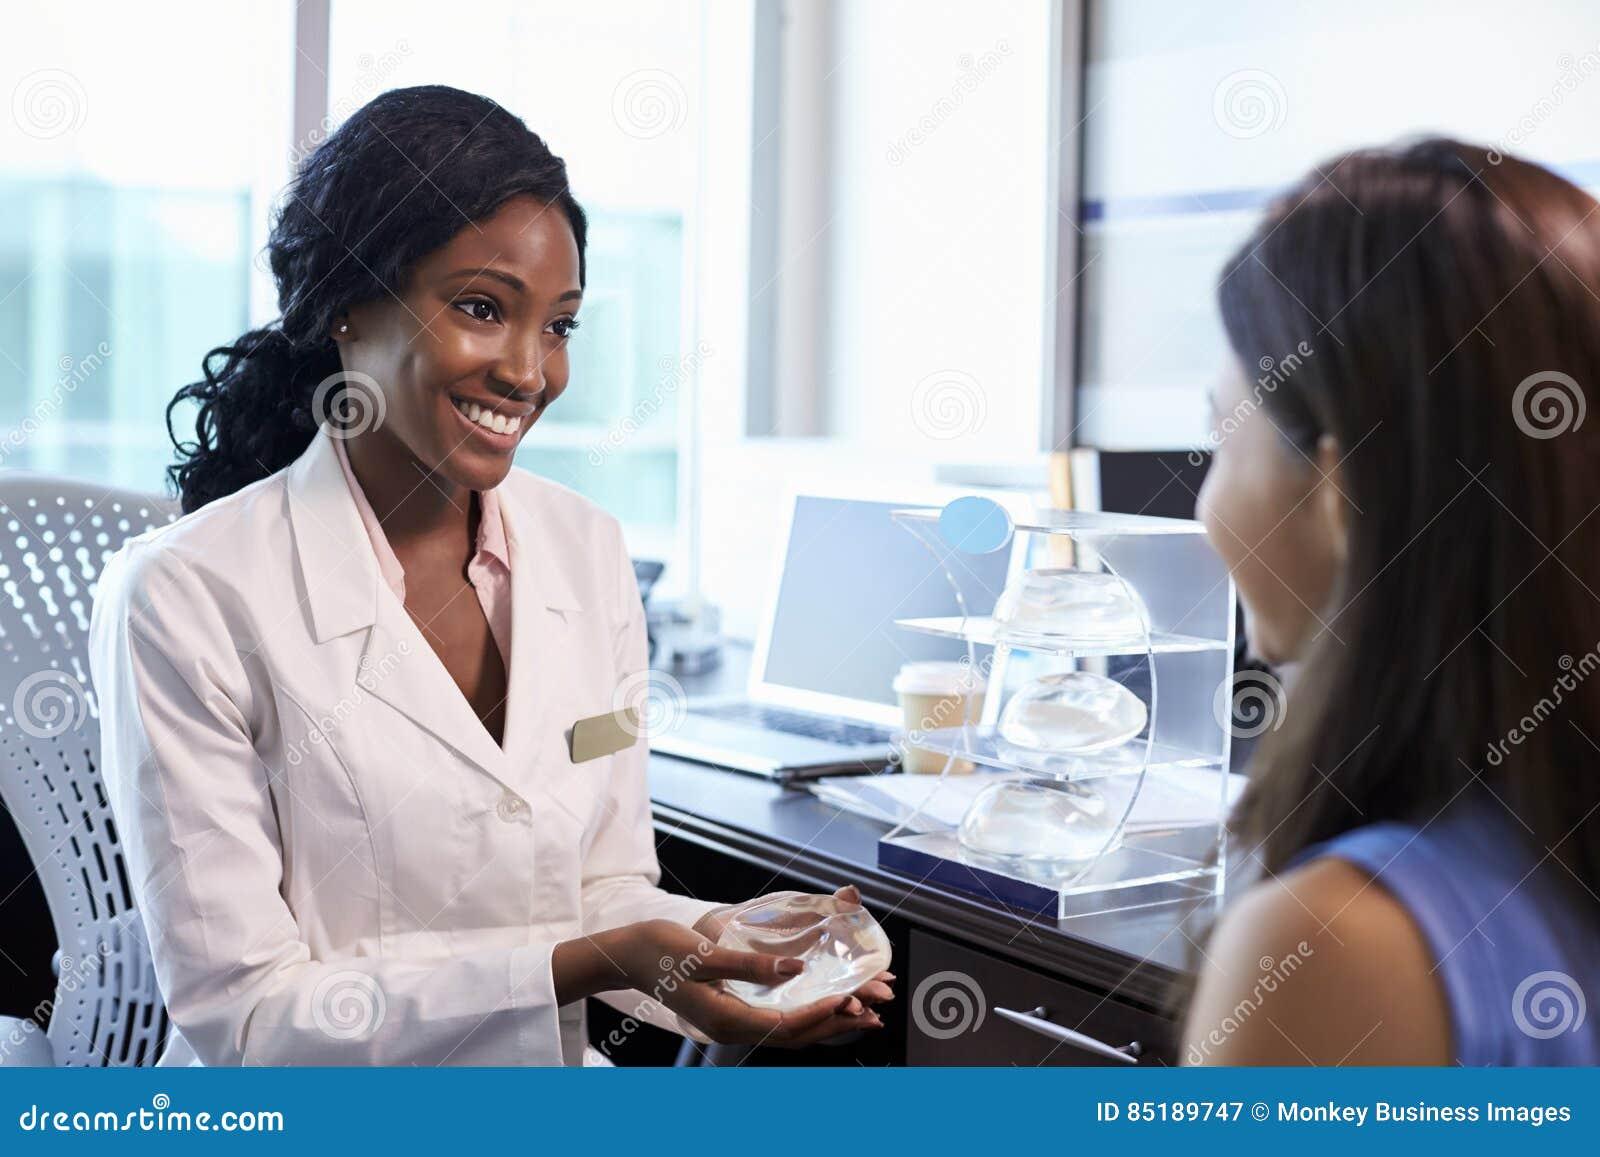 Meeting With Female för bröstkirurgikonsulent patient